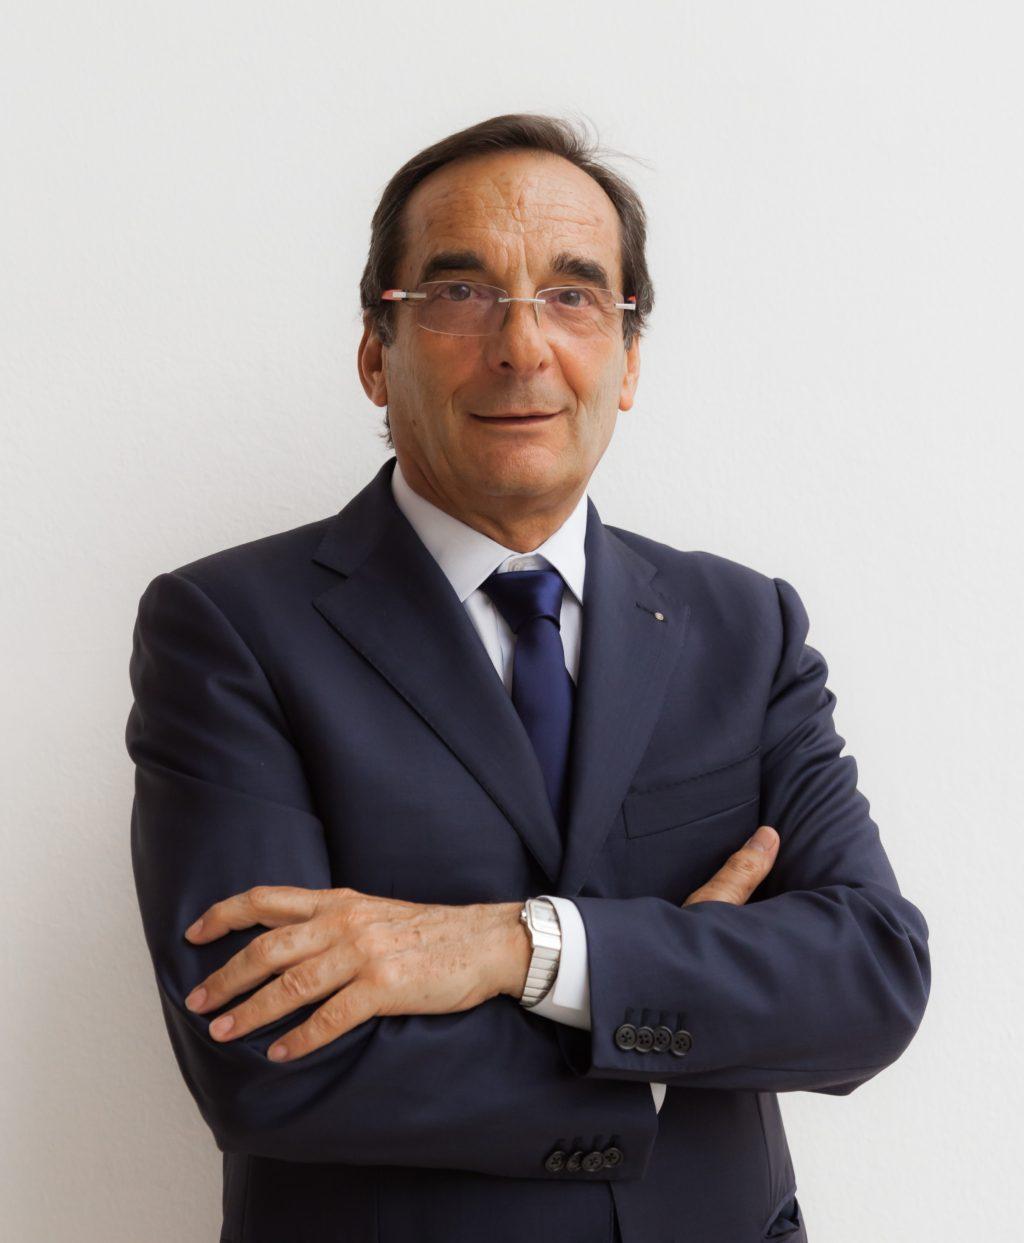 Francesco Pizzagalli